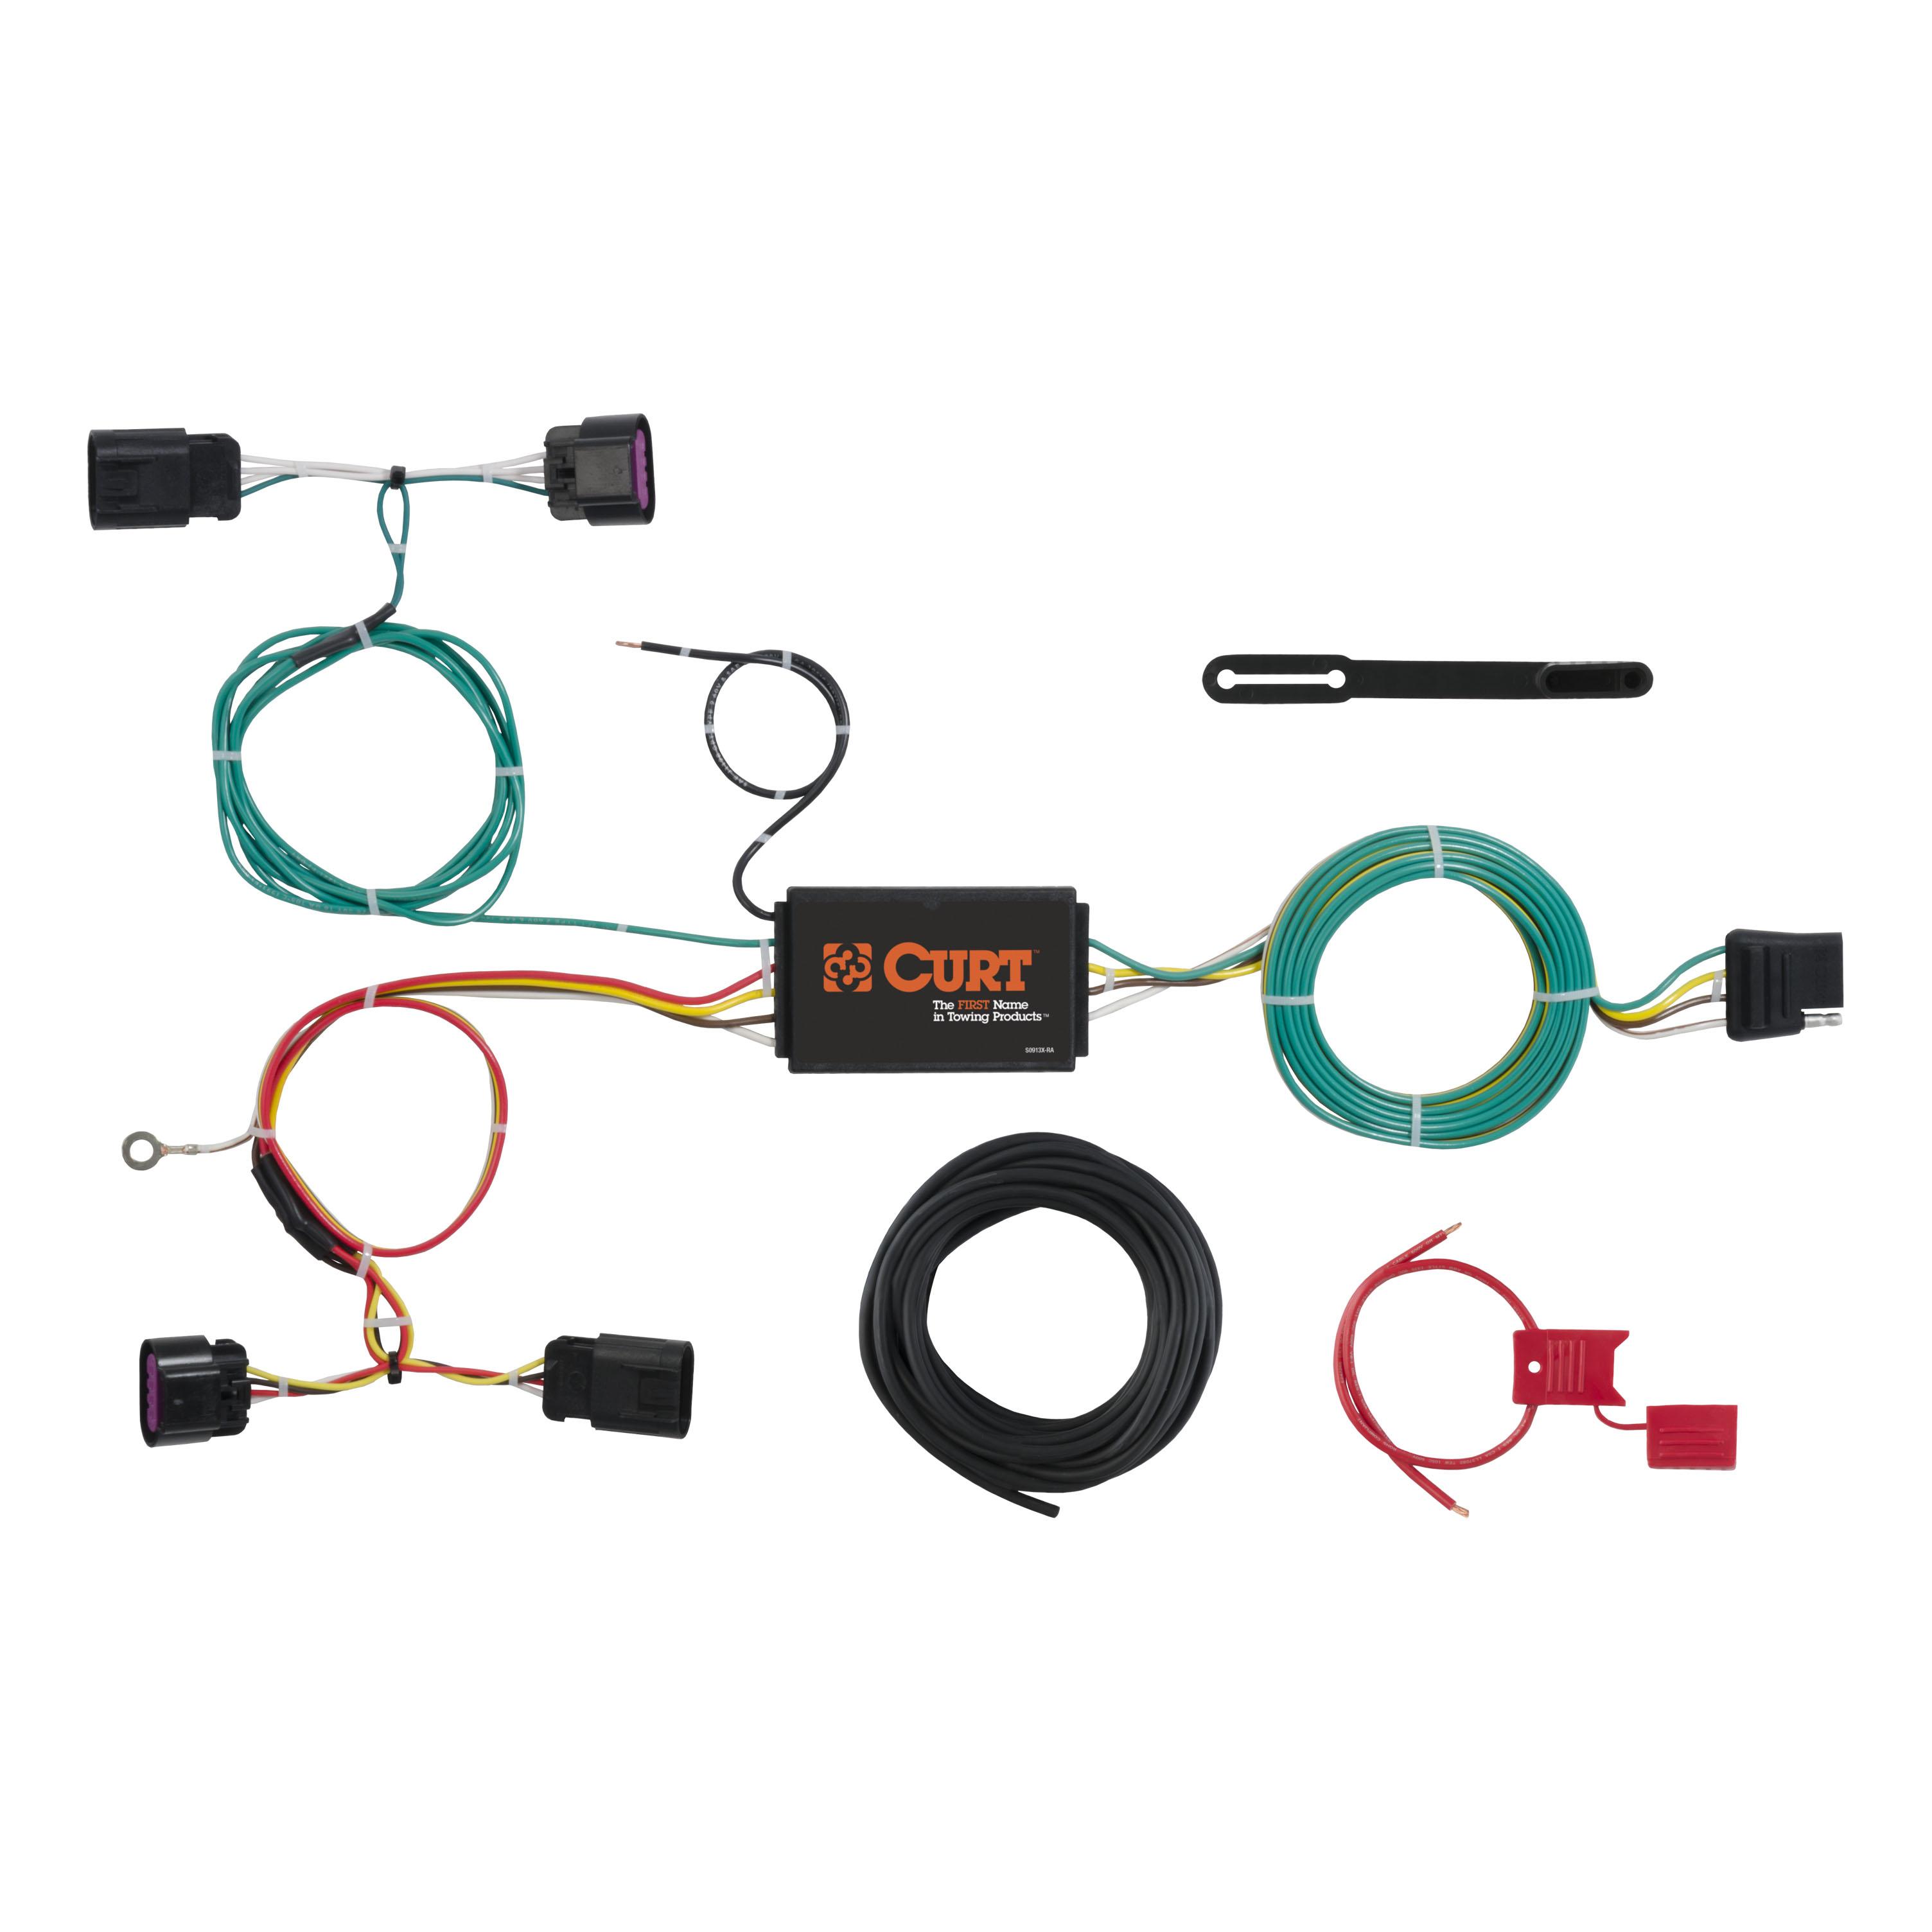 CURT Custom Vehicle-to-Trailer Wiring Harness 56288 for 2012-2016 Buick  Verano   eBayeBay